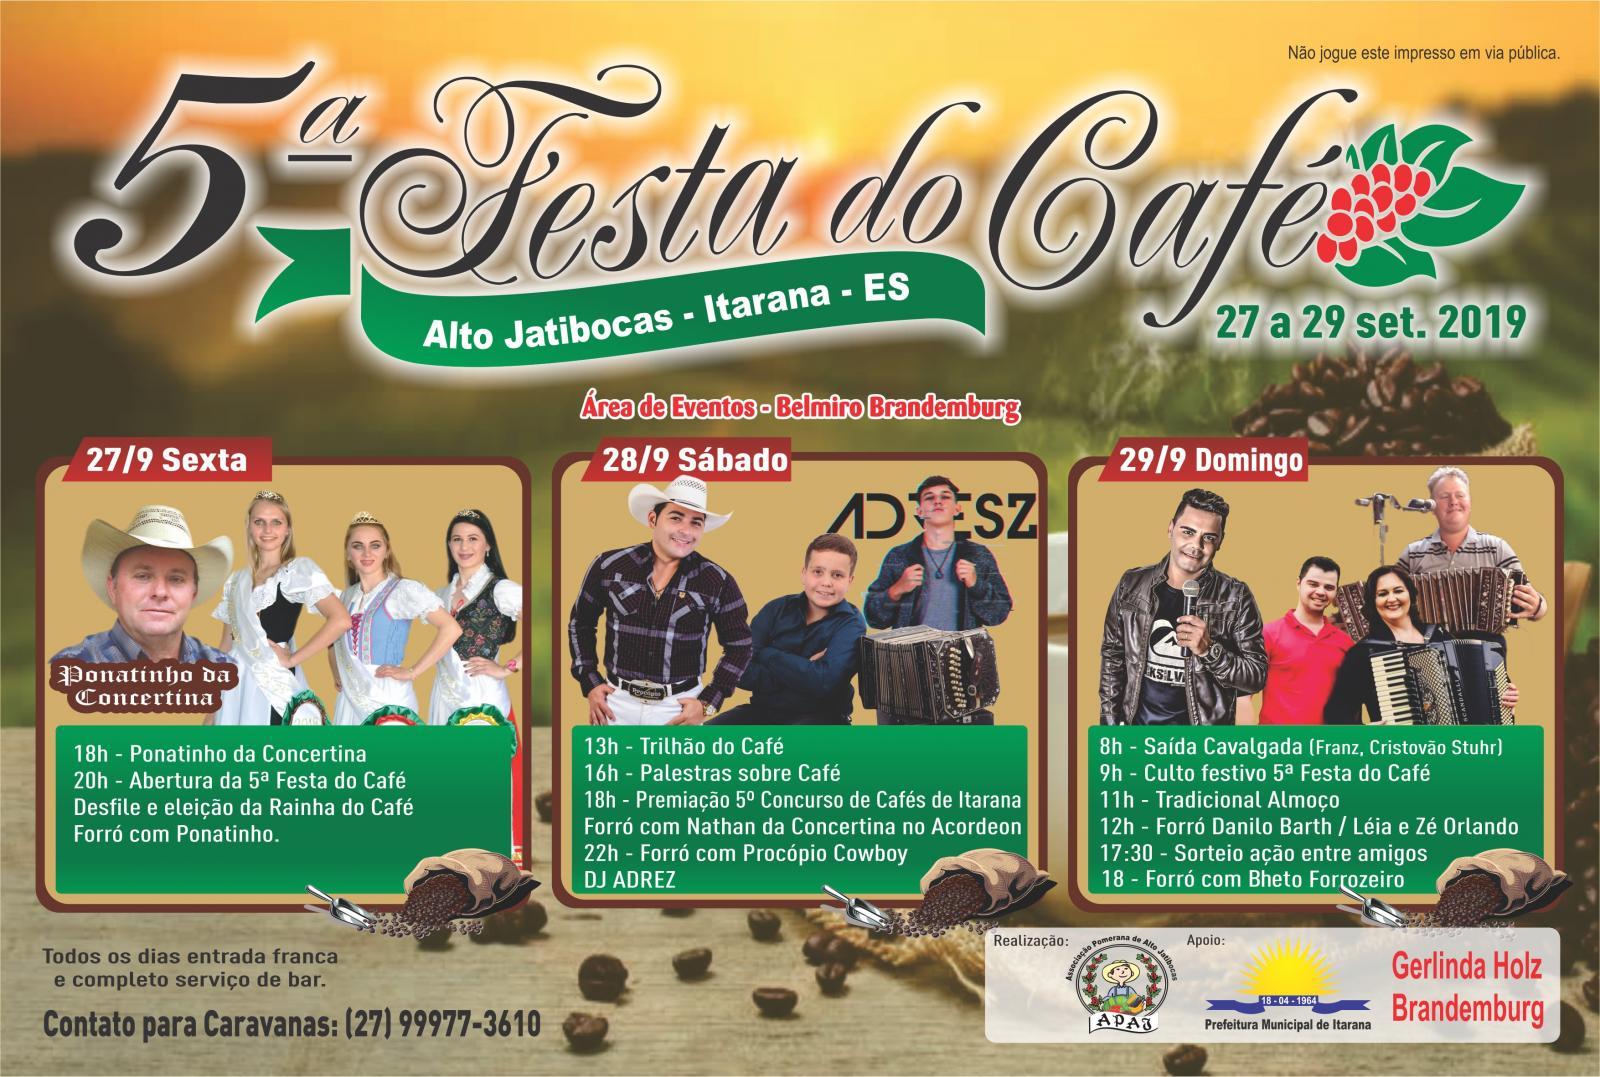 Programação da 5ª Festa do Café de Alto Jatibocas